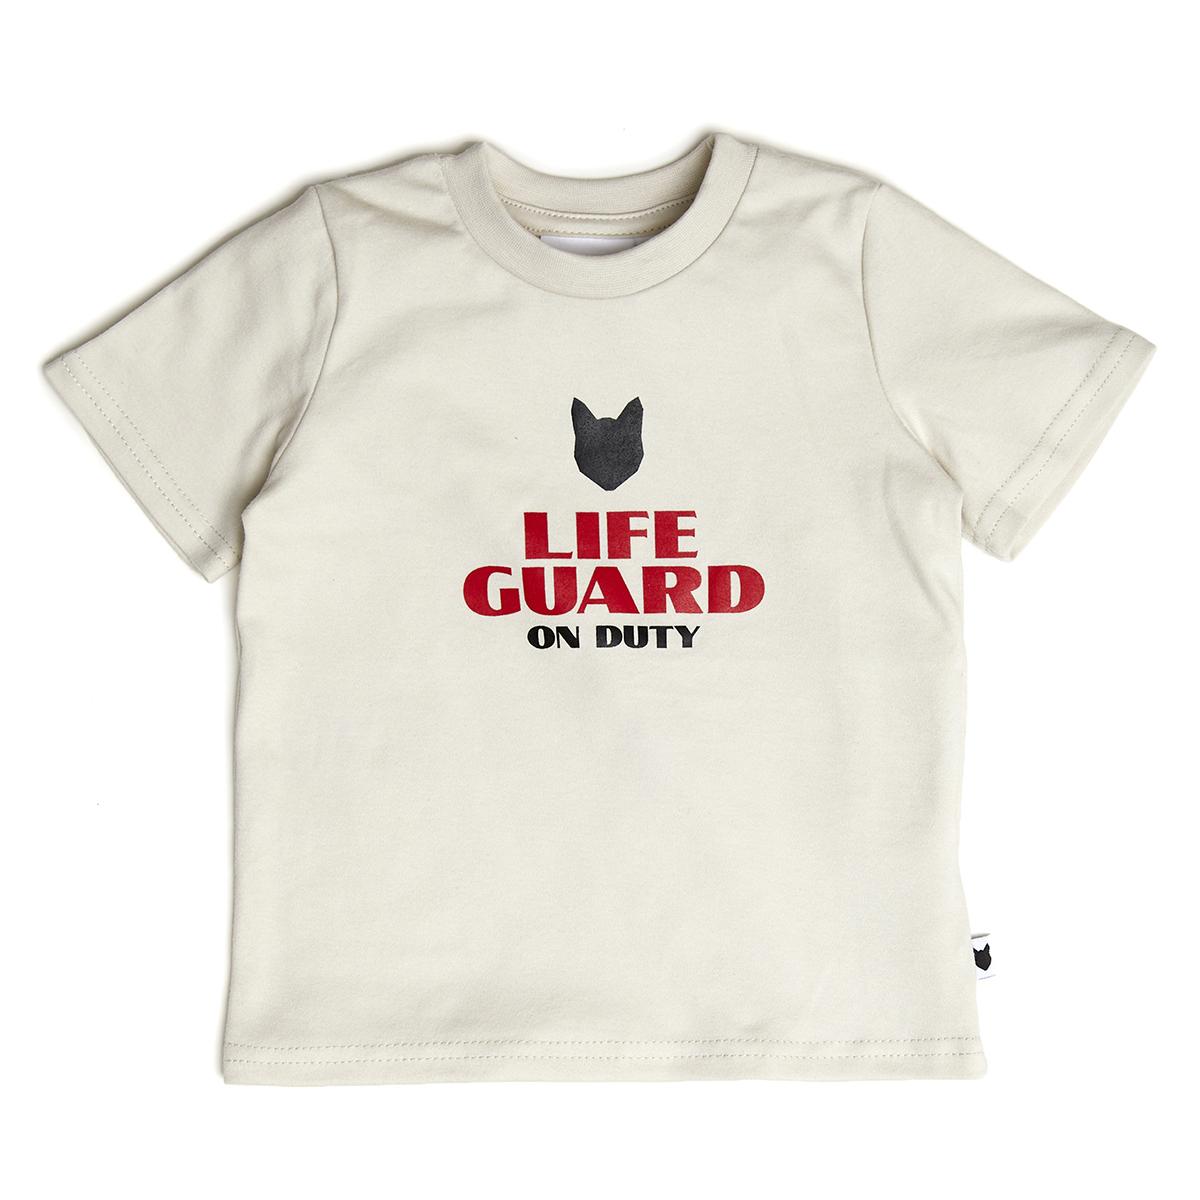 Hauts bébé Tee-Shirt Lifeguard - 12/18 Mois Tee-Shirt Lifeguard - 12/18 Mois